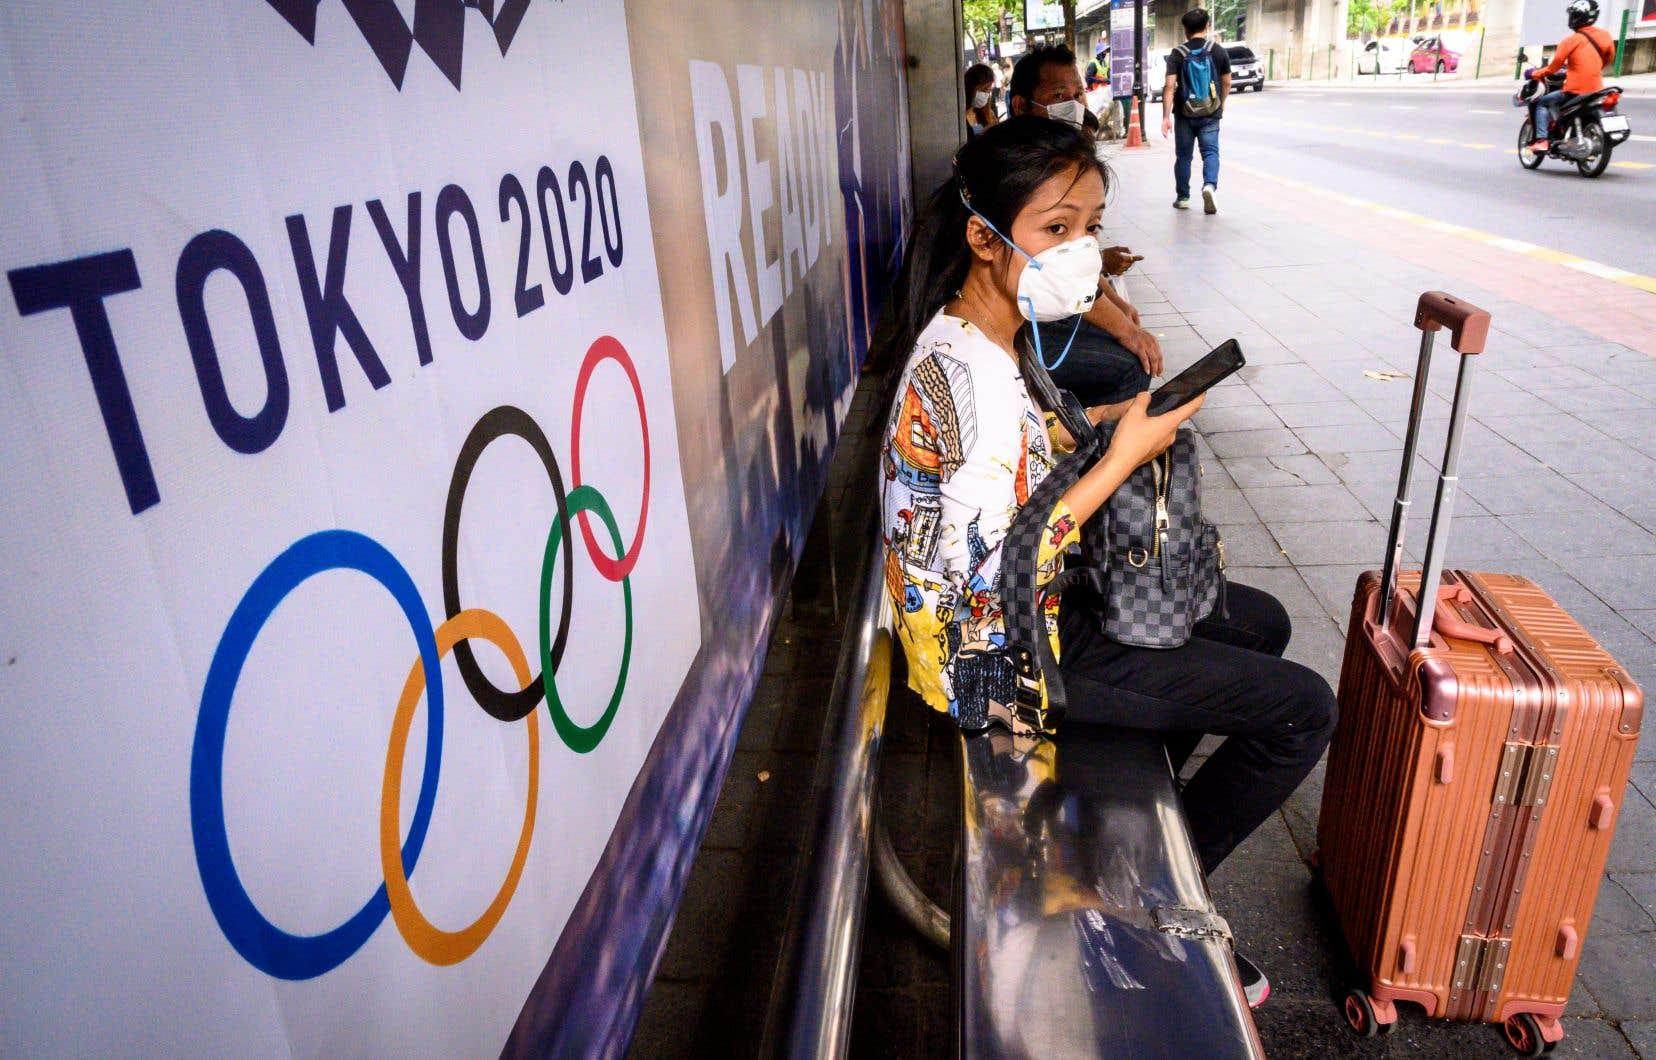 Au total, environ 7,8millions de billets doivent être vendus pour les JO de Tokyo 2020.